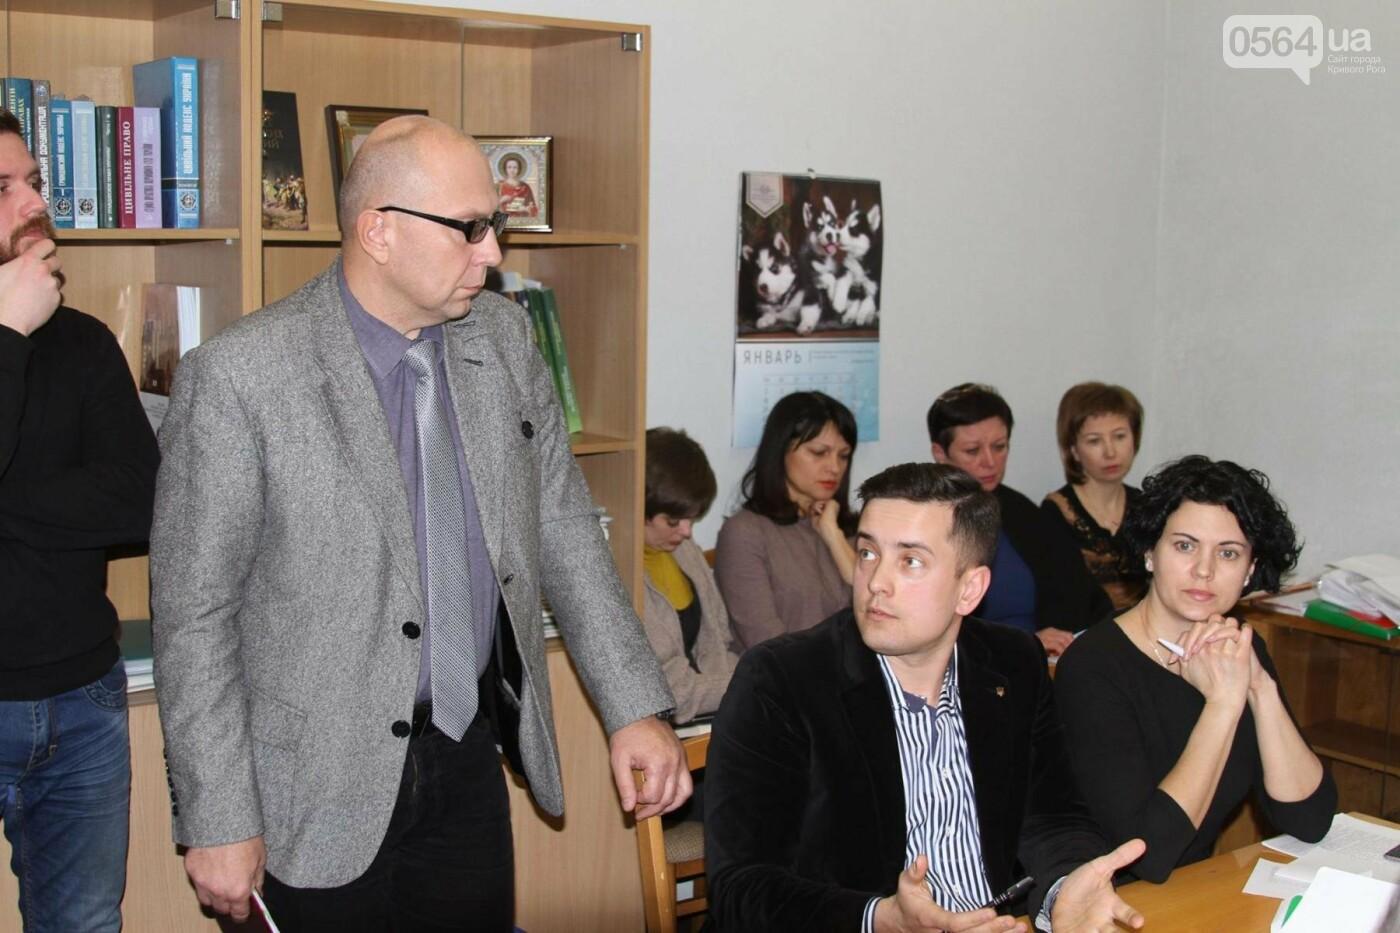 Криворожские депутаты из комиссии по этике и дисциплине со второй попытки не смогли собраться (ФОТО), фото-13